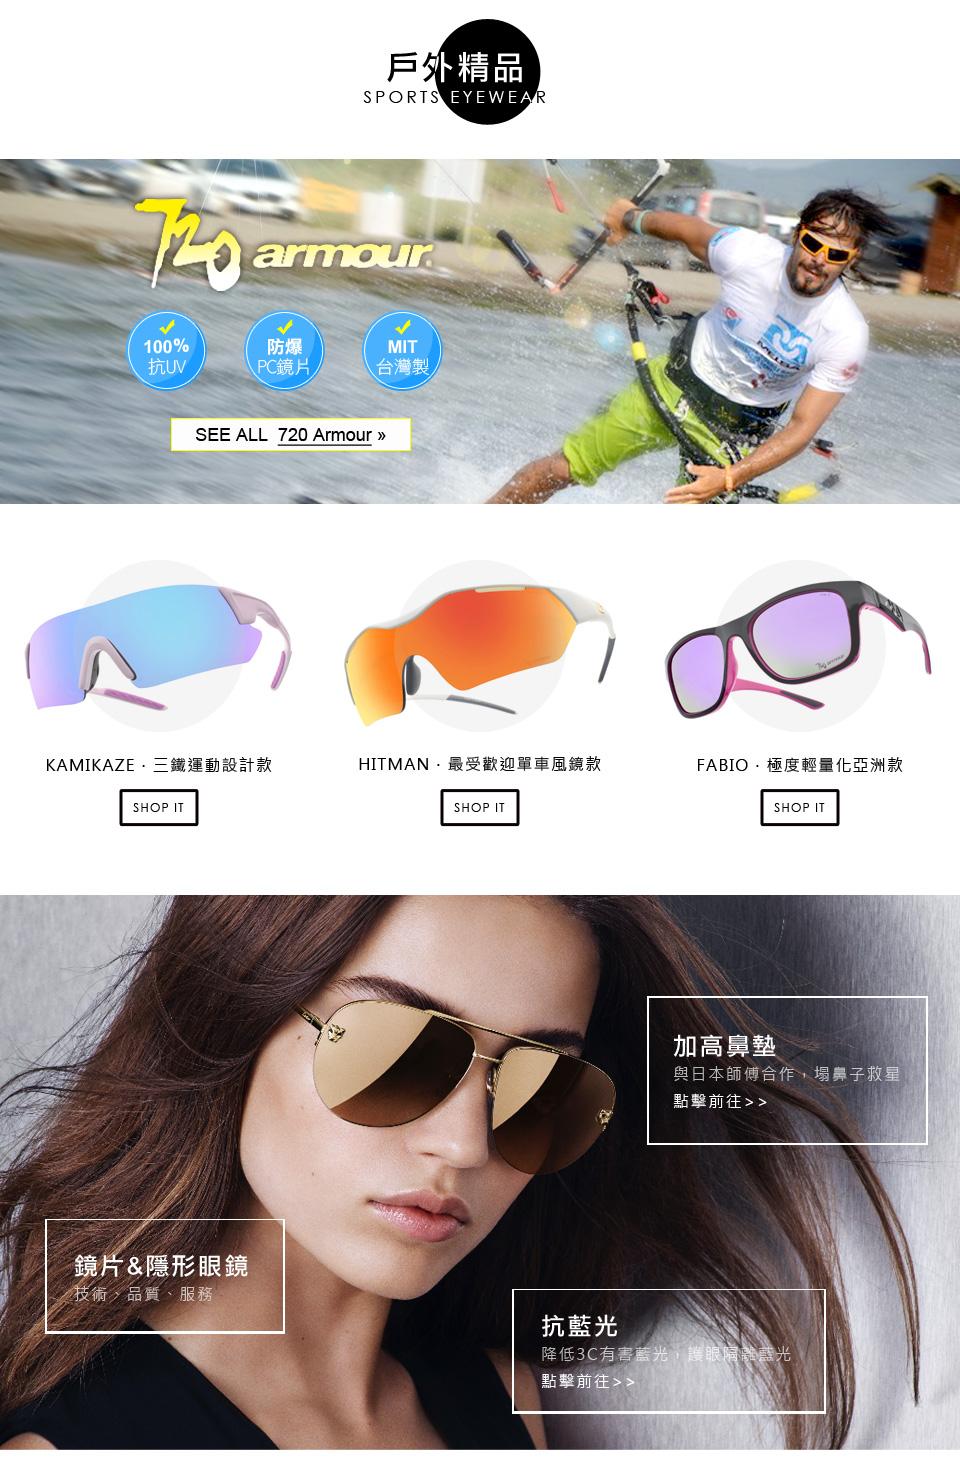 720運動眼鏡-720運動太陽眼鏡